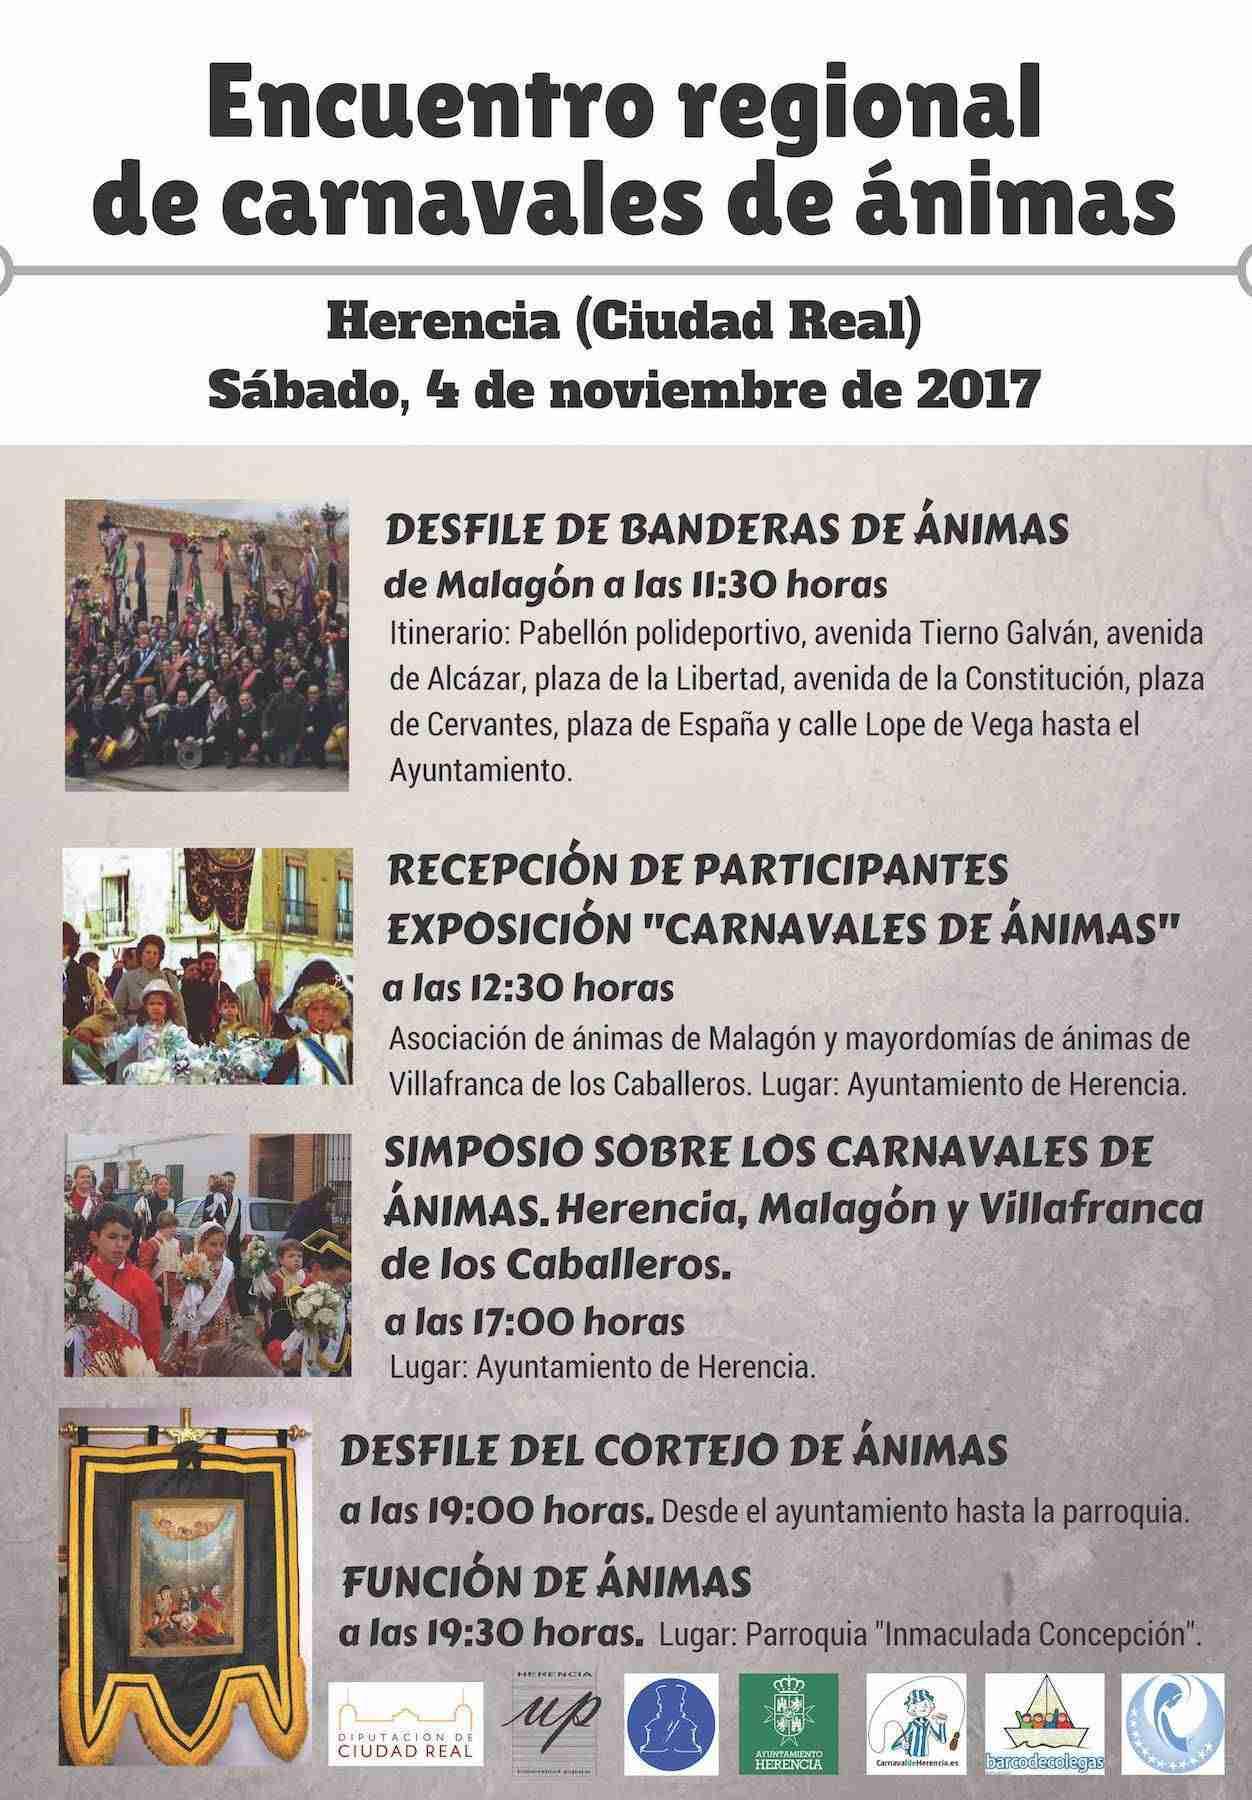 Encuentro regional de Carnavales de Ánimas este sábado en Herencia (Ciudad Real) 3